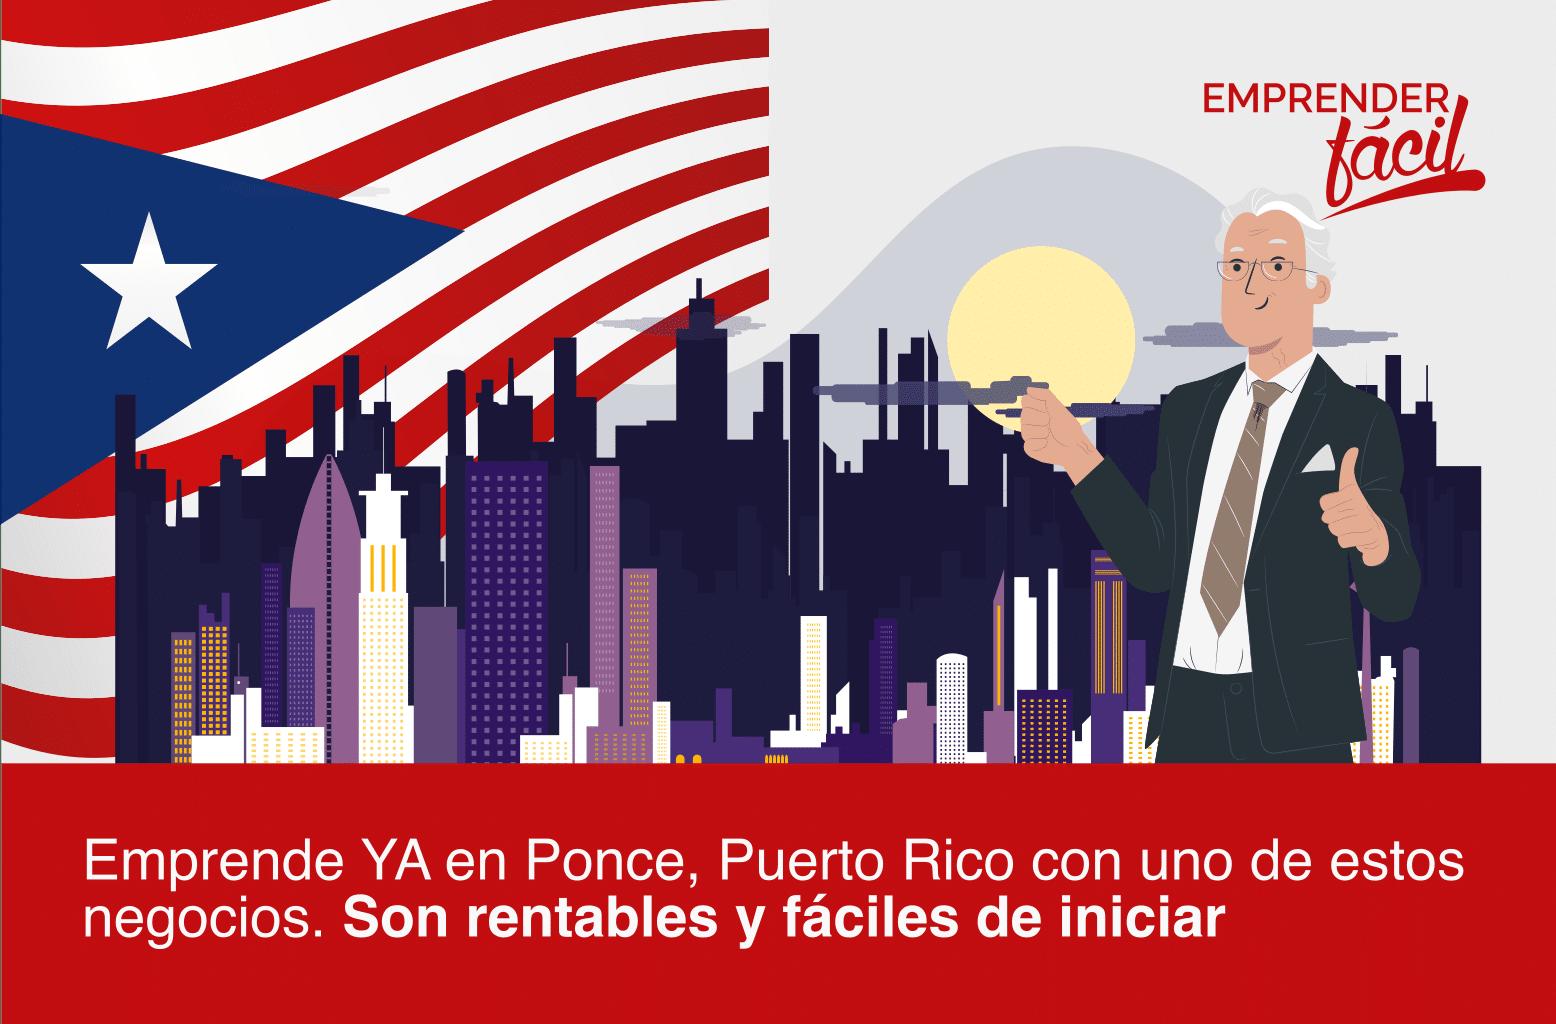 Negocios rentables en Ponce, Puerto Rico...¡Seguros!